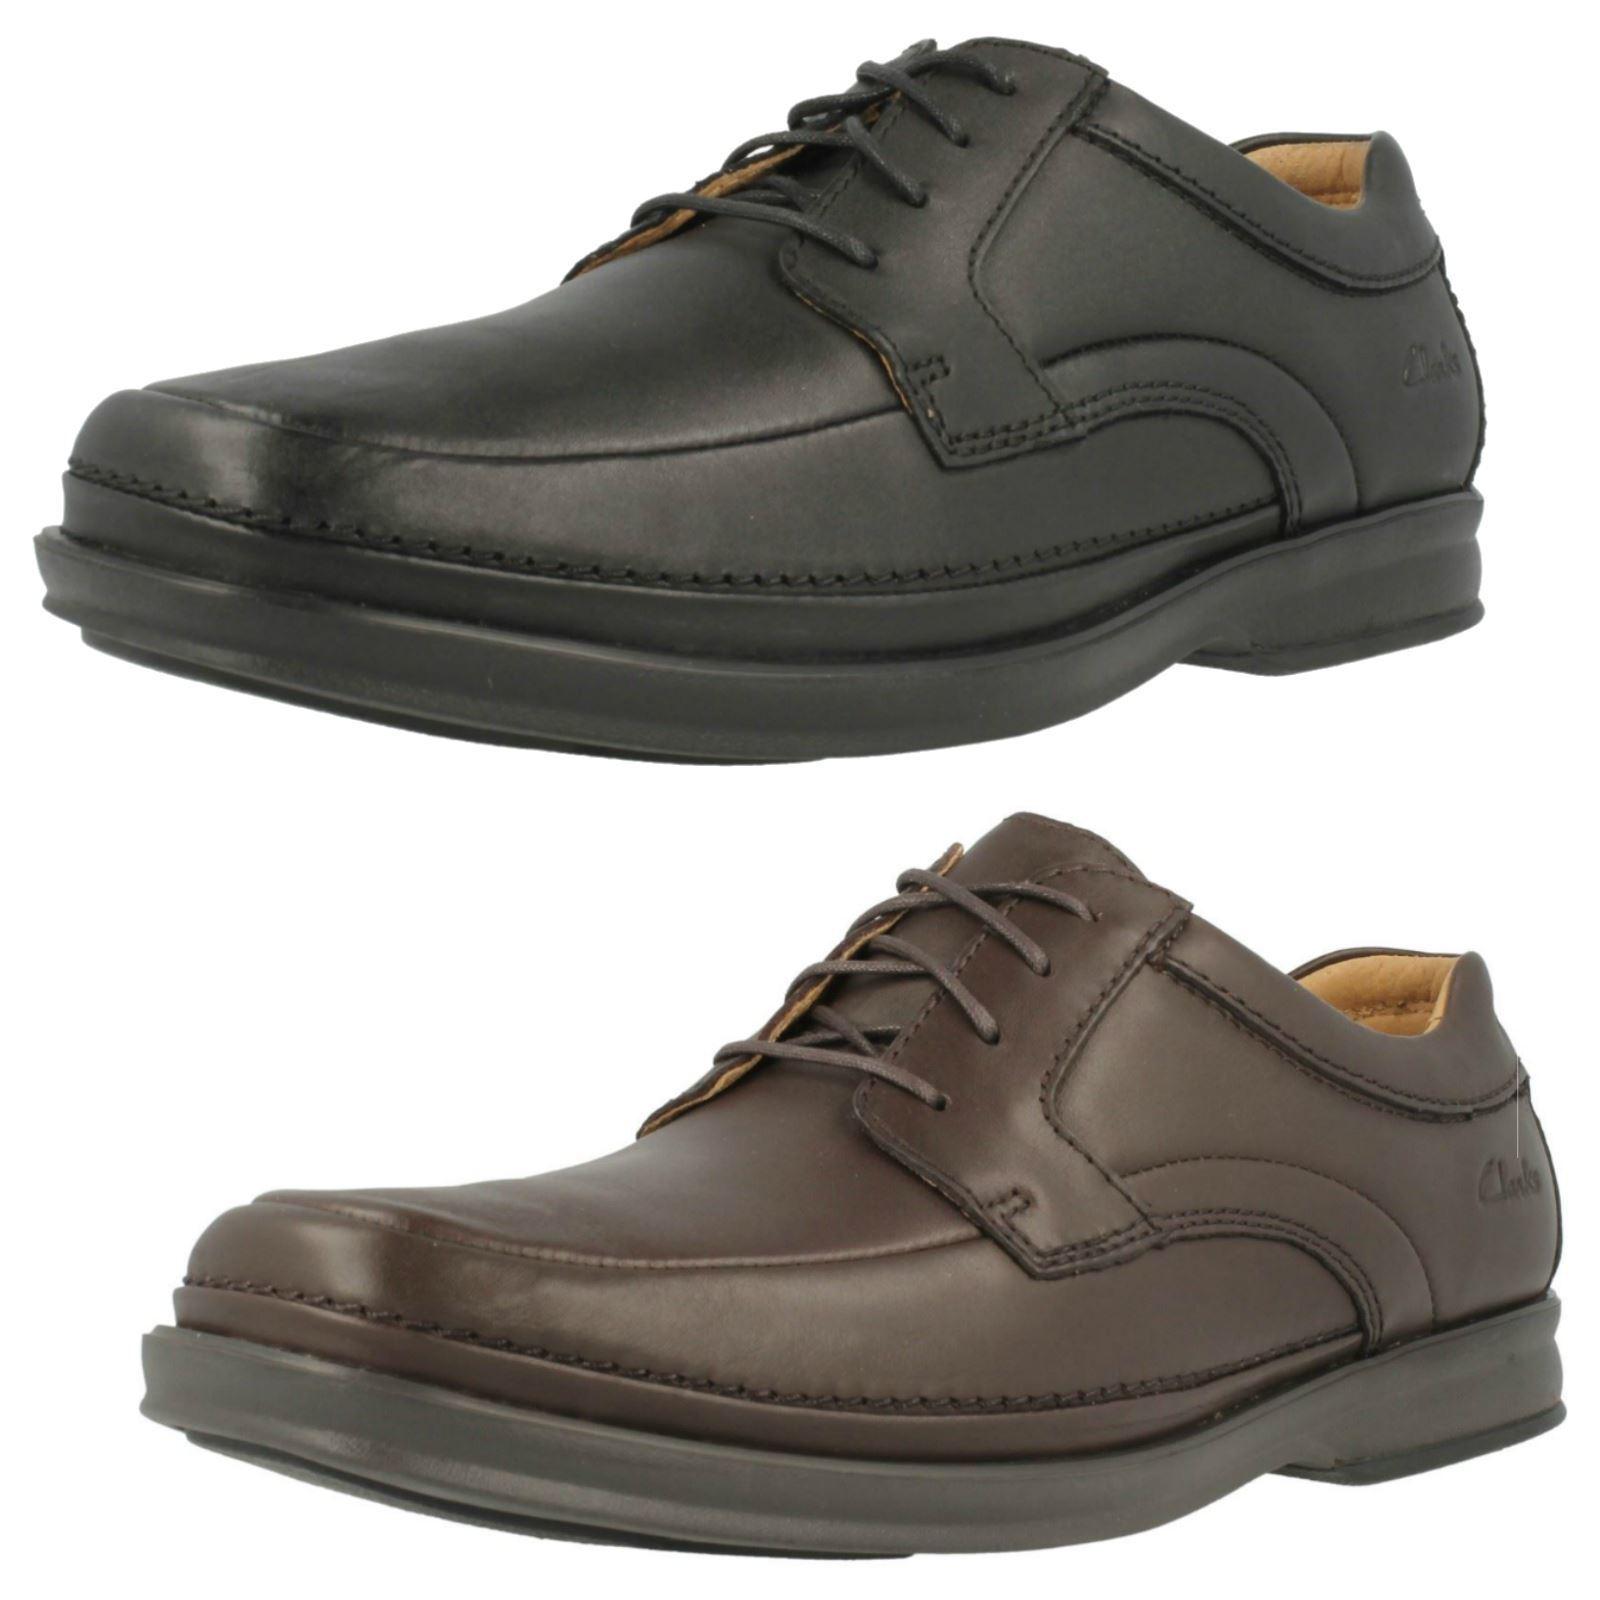 Para Hombre Clarks Zapatos Con Cordones Inteligente-Scopic Manera